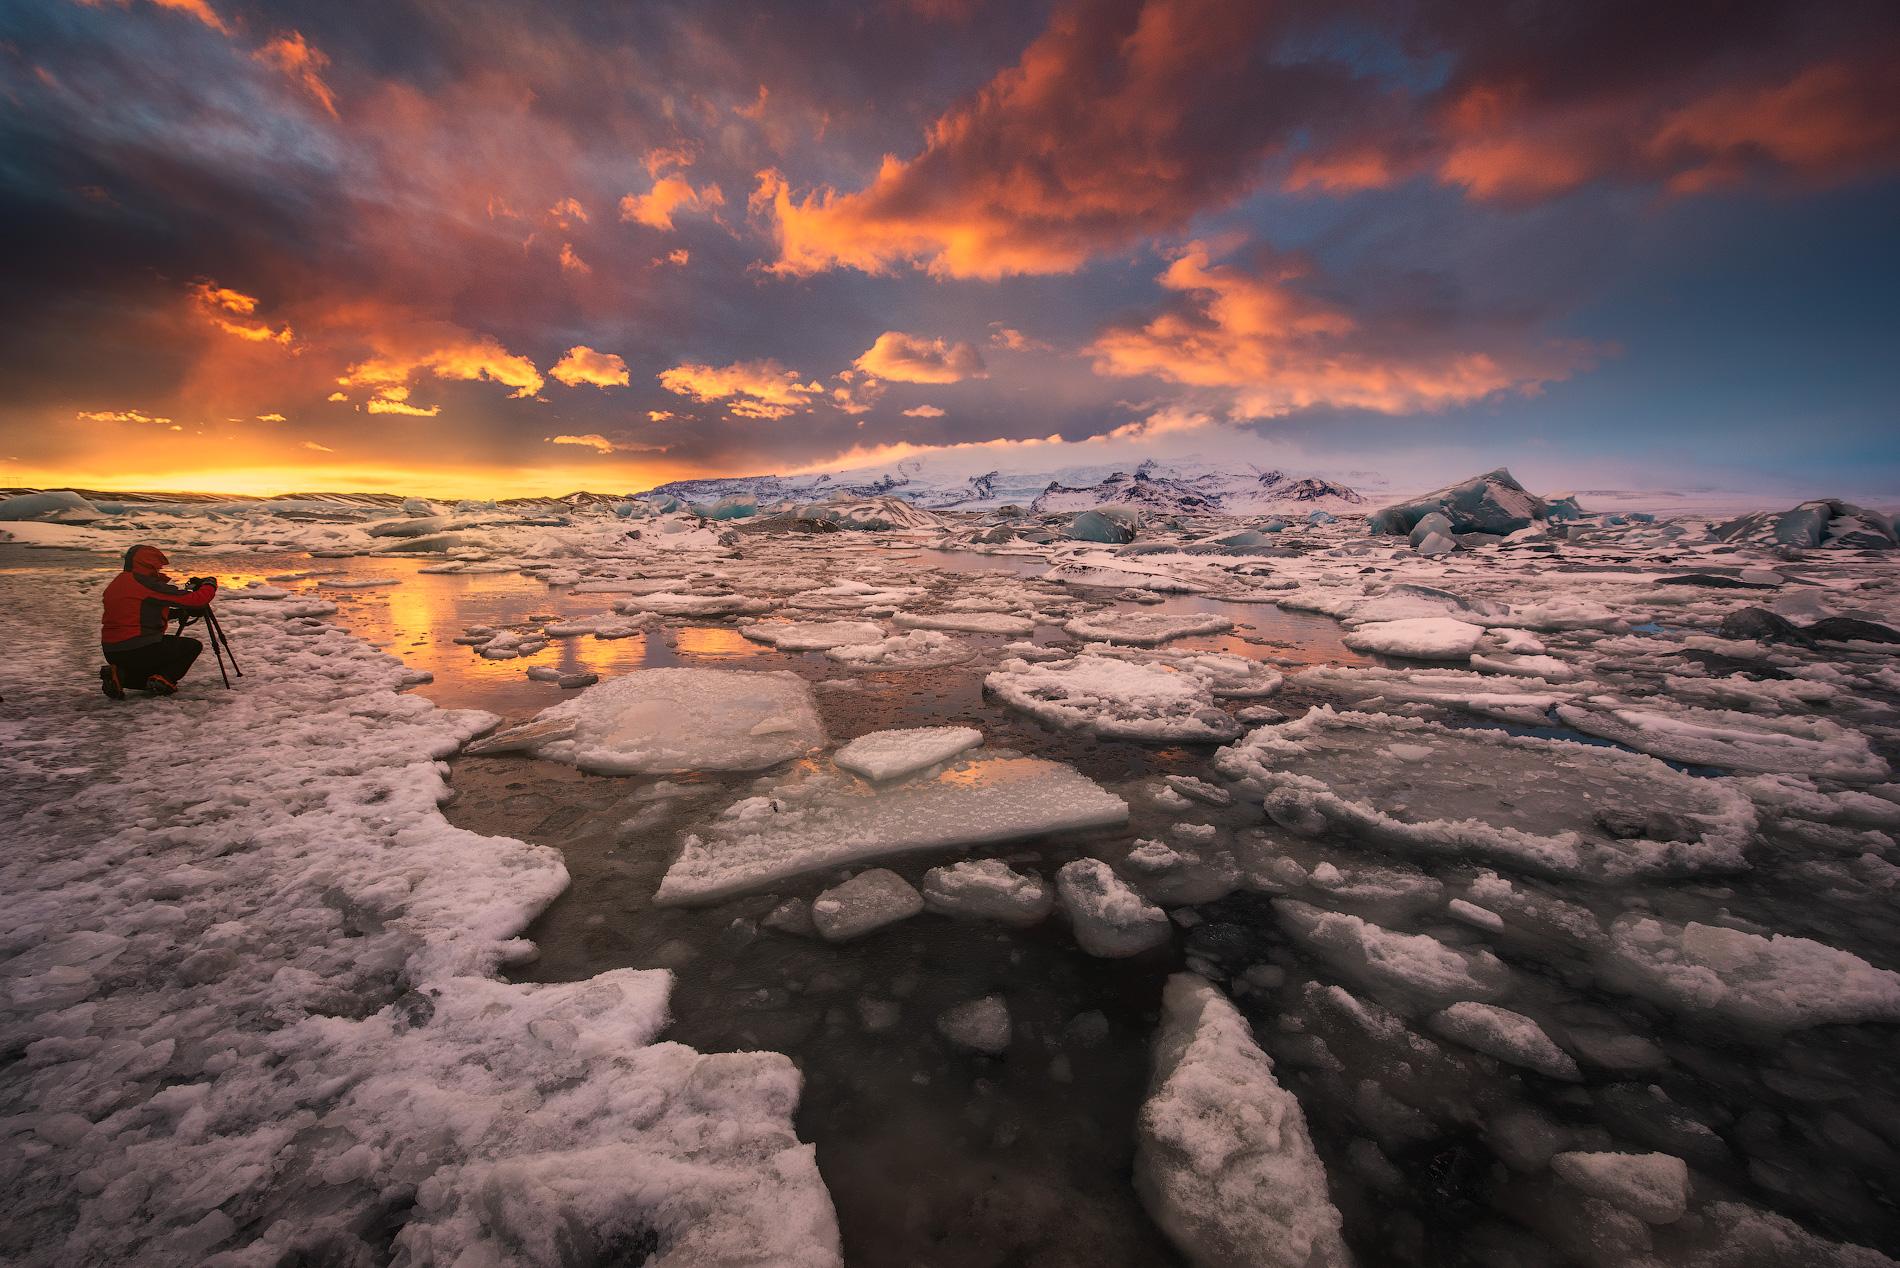 Man könnte tagelang in der Gletscherlagune Jökulsarlon fotografieren und trotzdem würde kein Bild dem anderen gleichen.